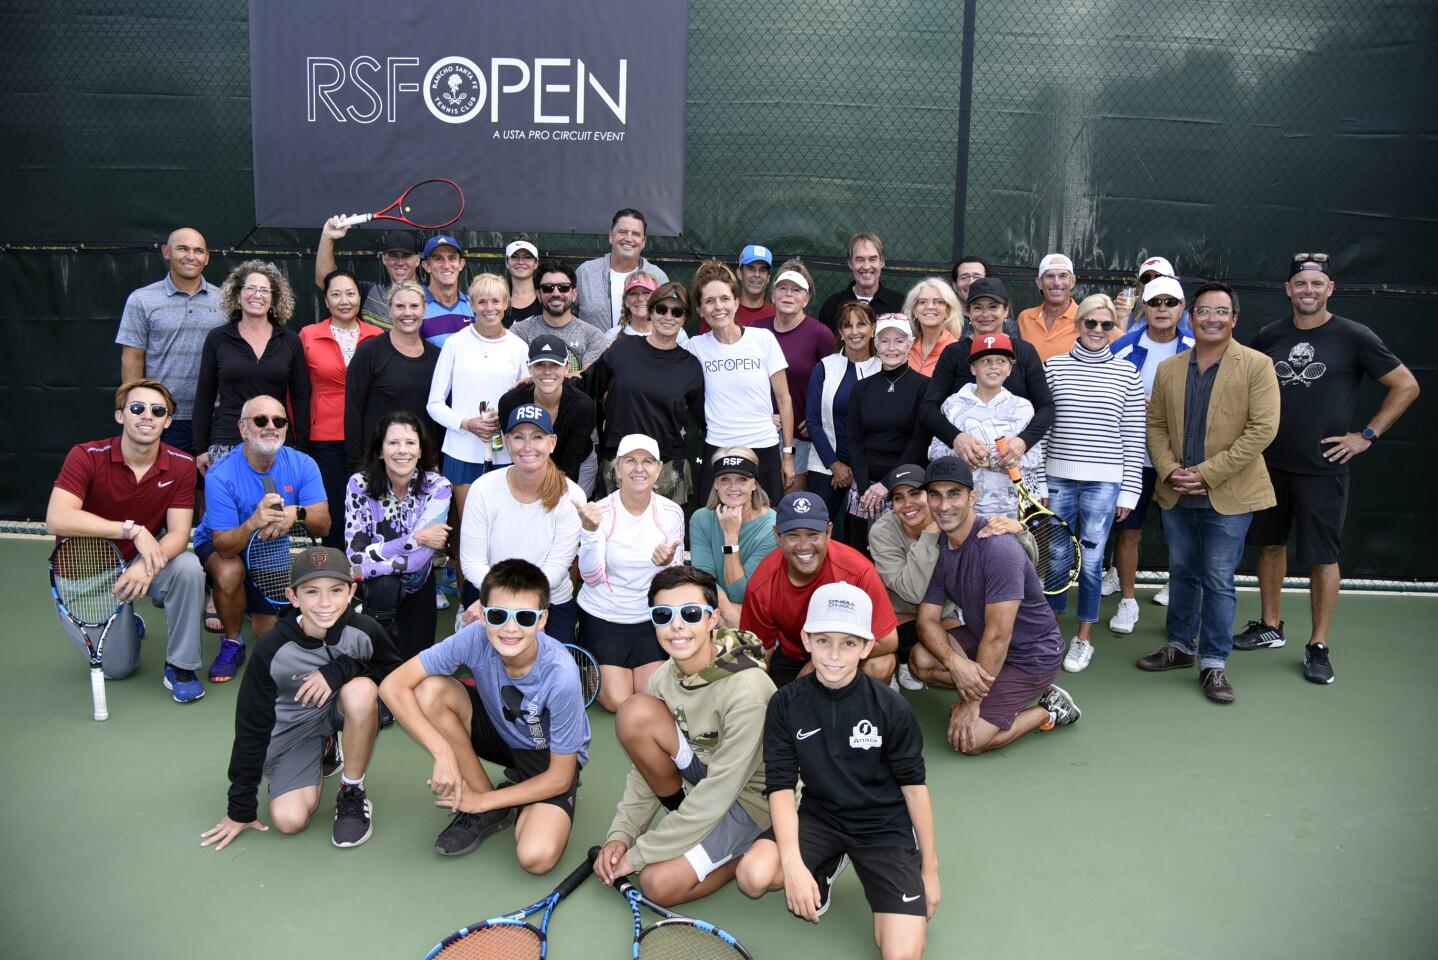 Tennis Fest participants